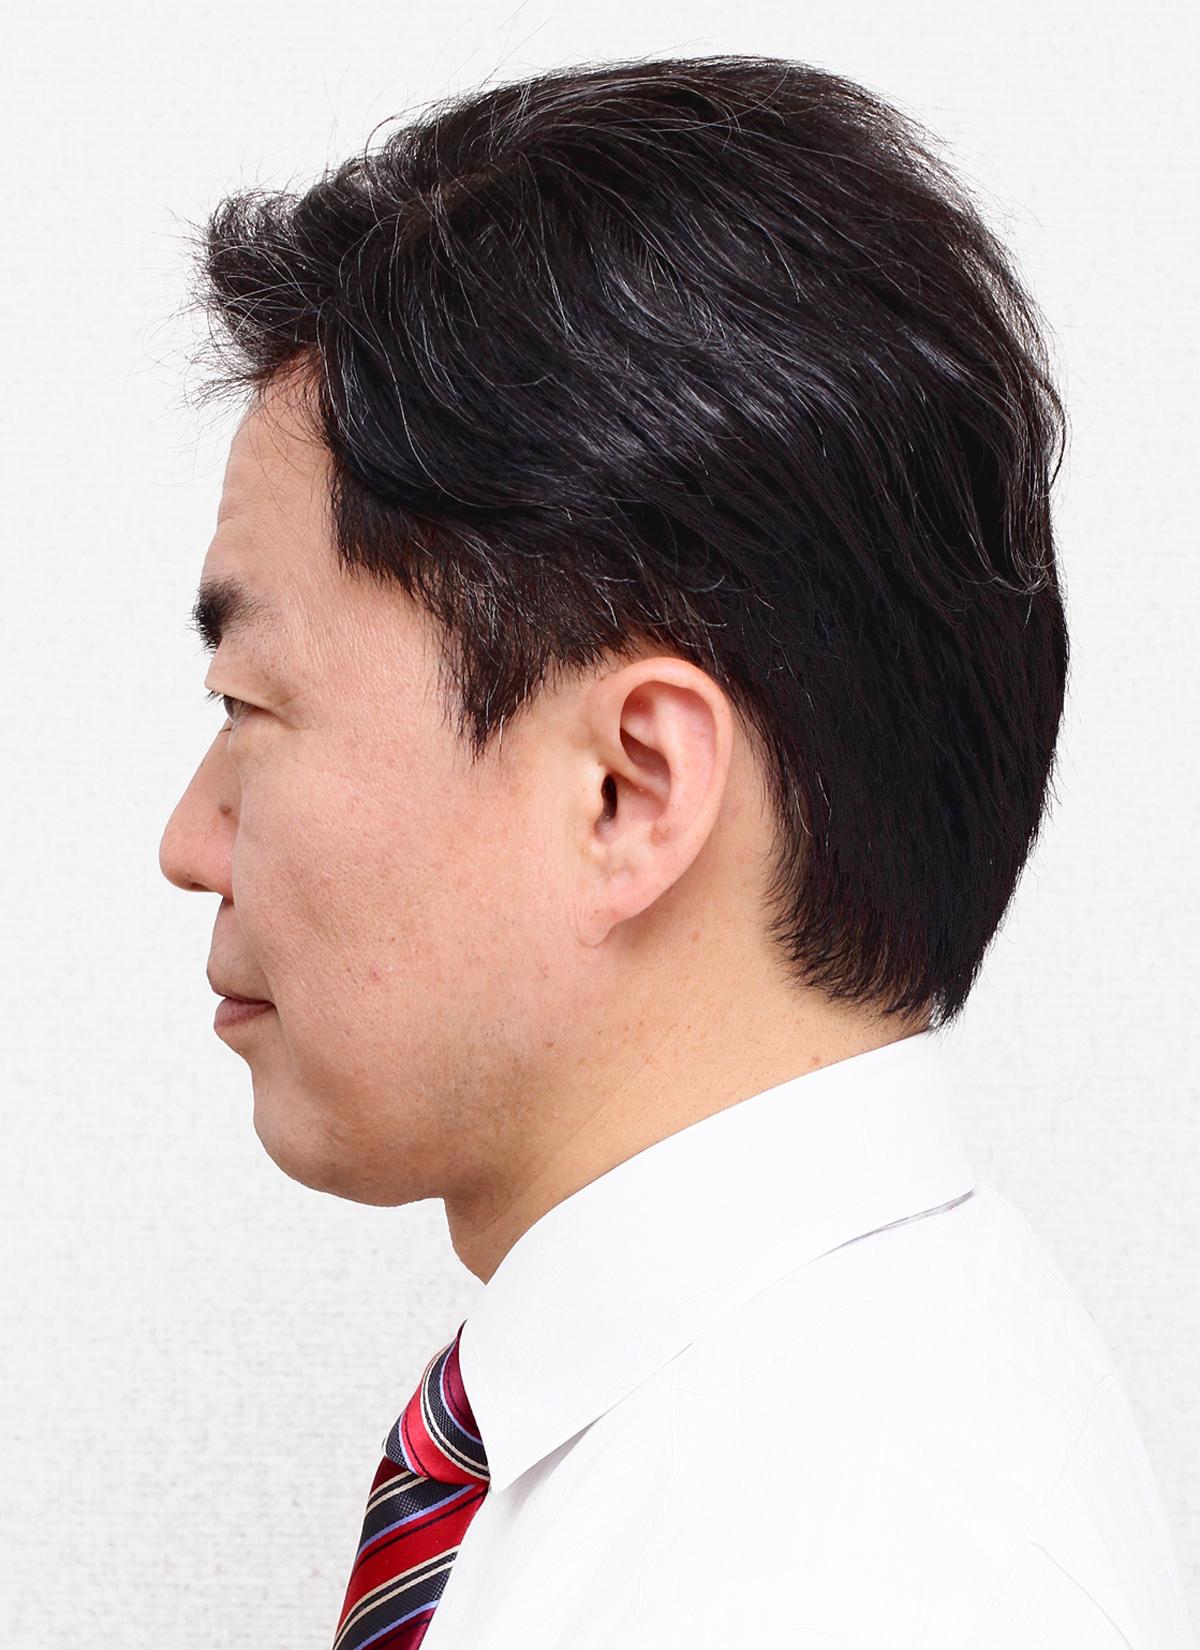 カツラ装着モデル男性髪型001